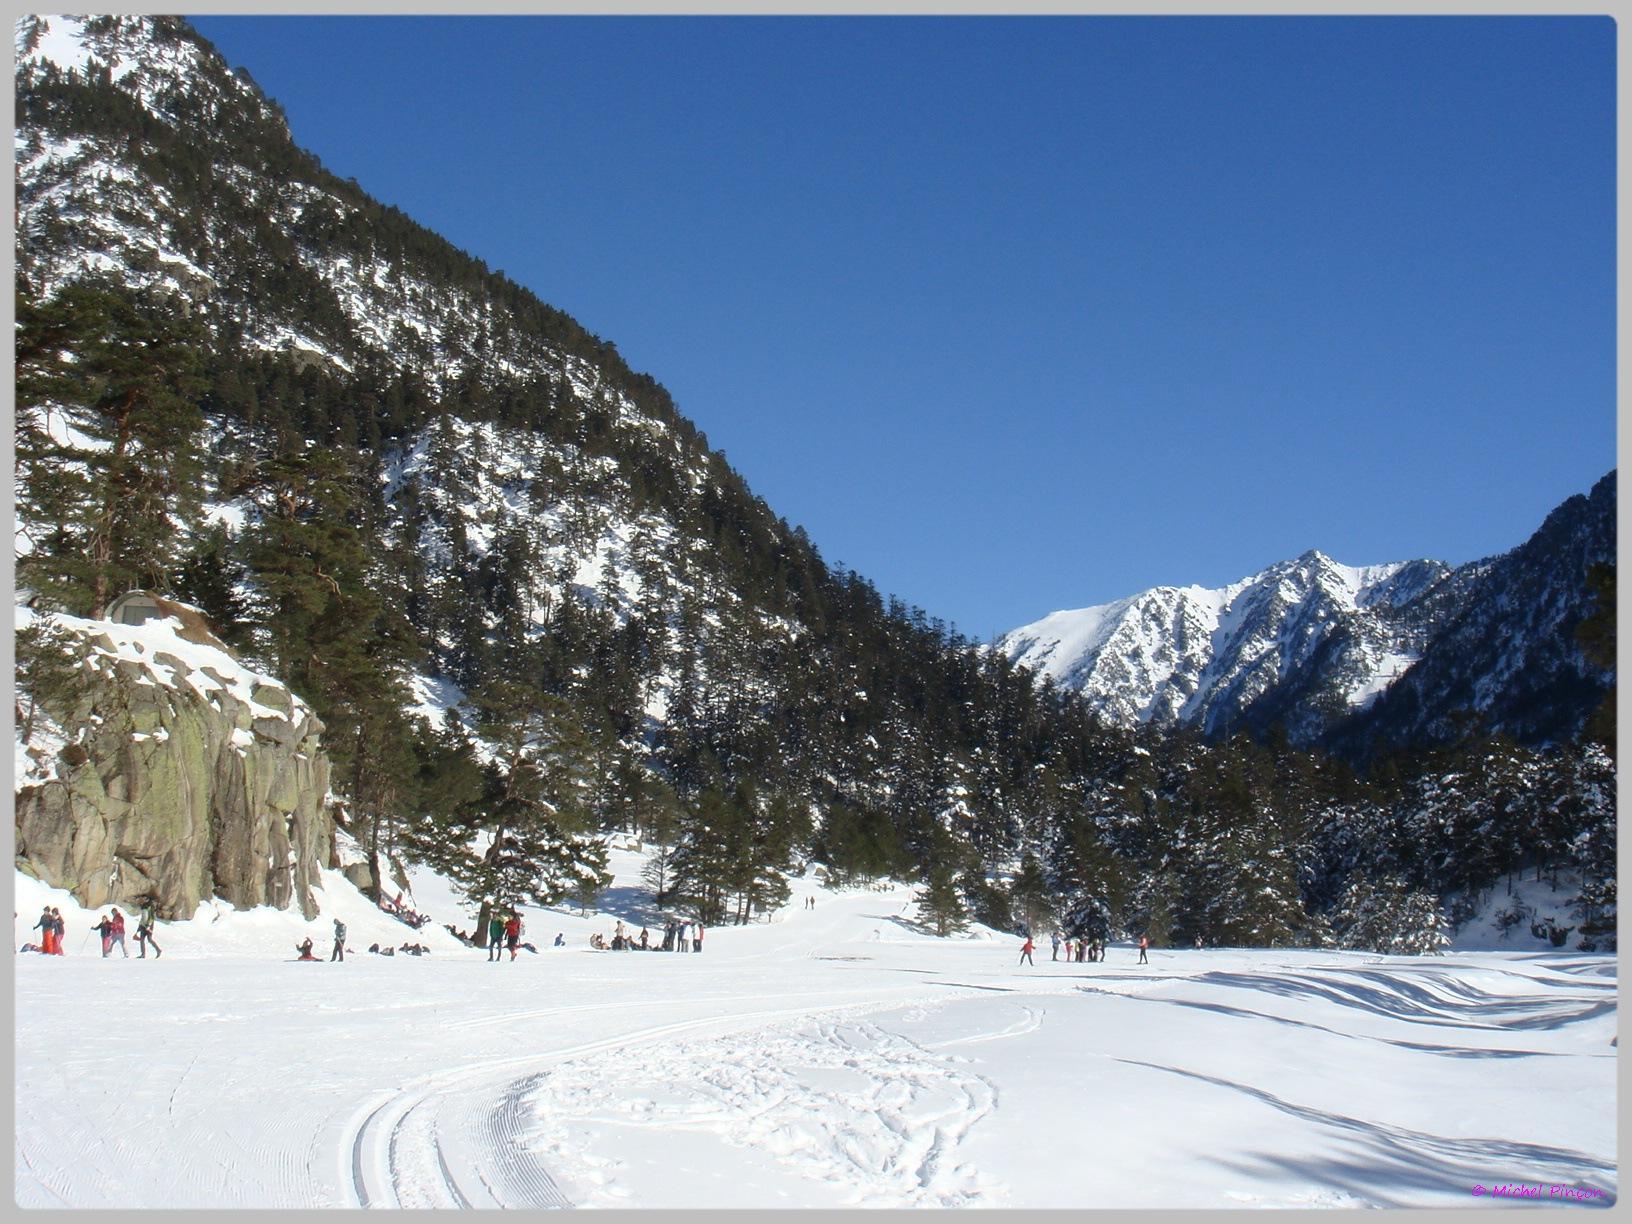 Une semaine à la Neige dans les Htes Pyrénées - Page 2 826665DSC011942